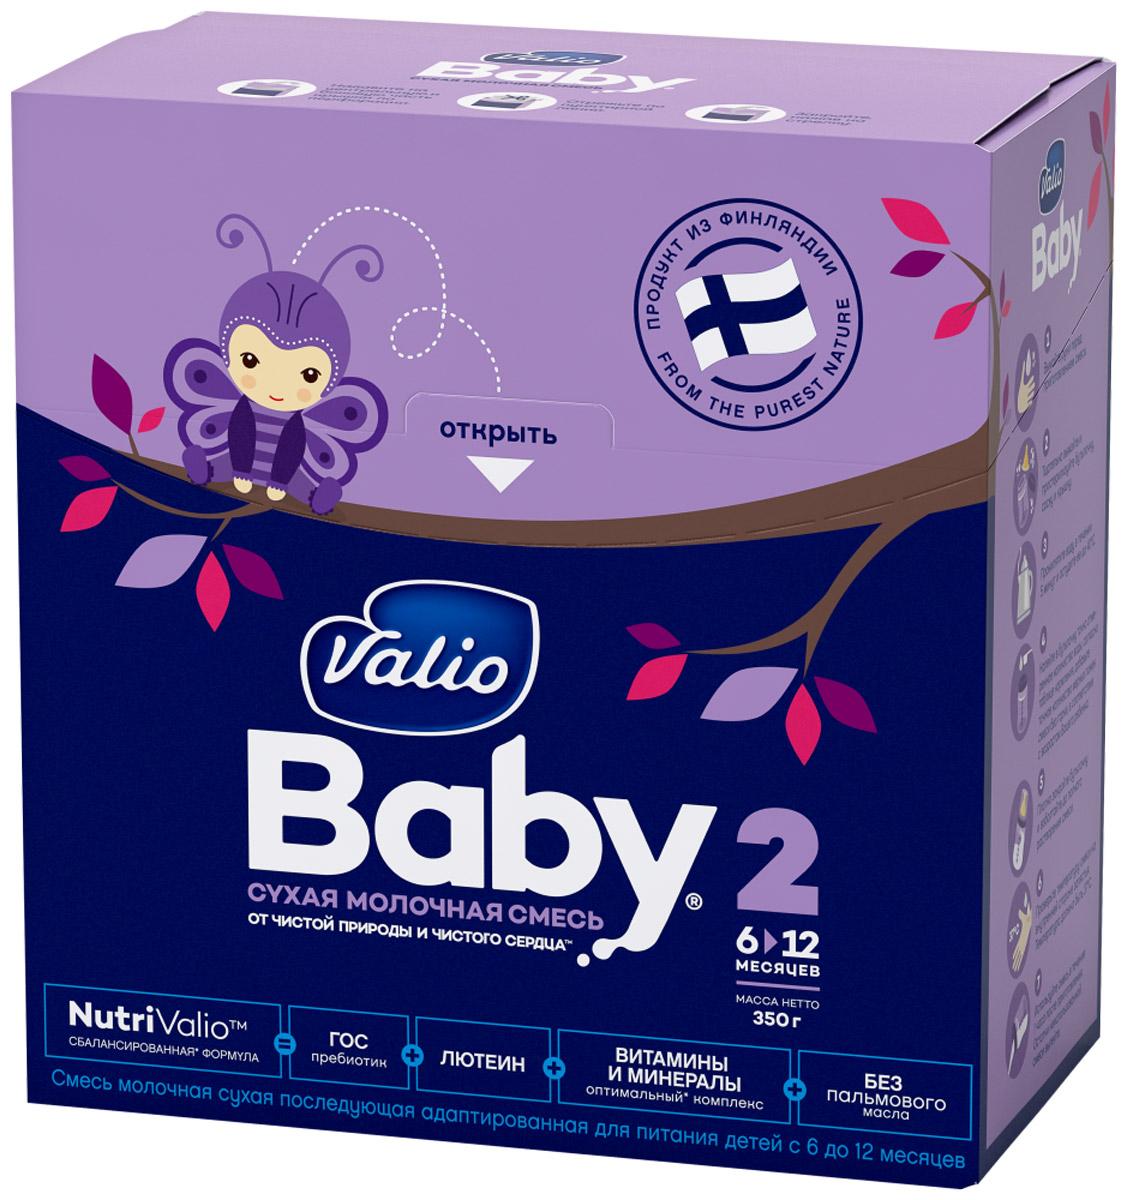 Valio Baby 2 смесь молочная с 6 месяцев, 350 г207041Сбалансированное питание является очень важным фактором в гармоничном развитии малыша особенно в первое полугодие жизни. В случае если грудное вскармливание невозможно, сухая детская молочная смесь Valio Baby 2 будет оптимальным выбором.